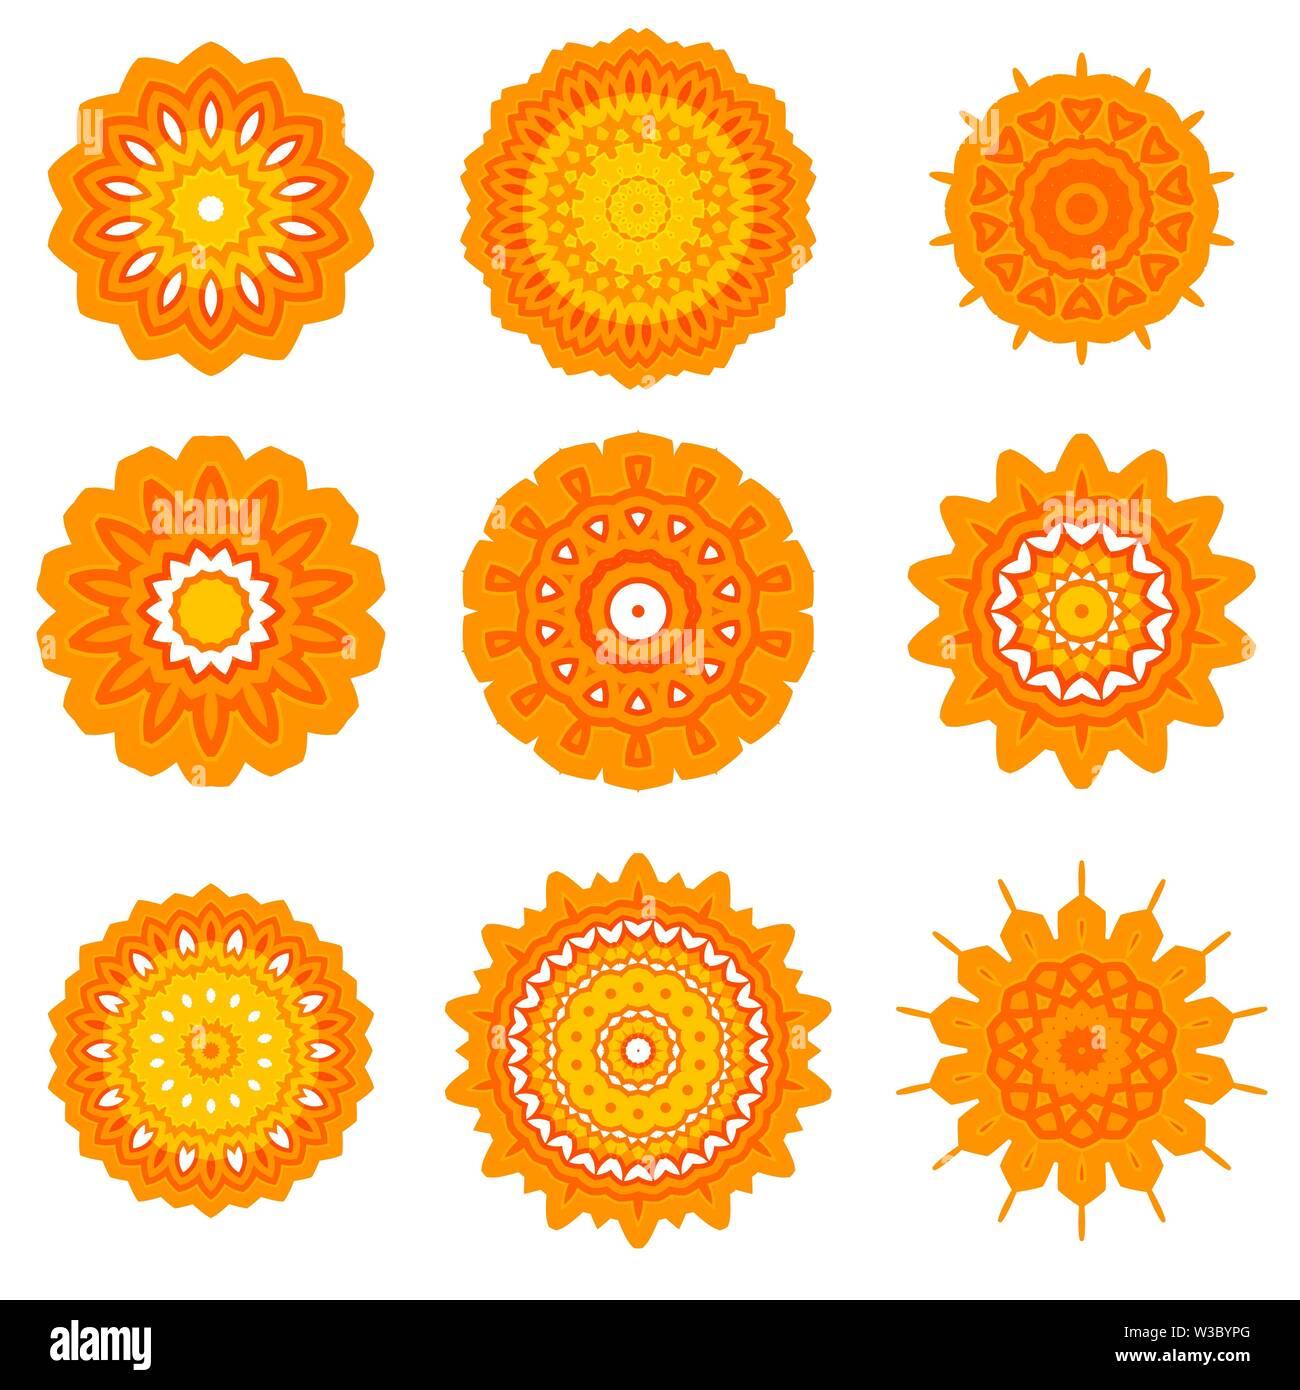 Gelb Zier Linienmuster. Runde Textur. Orientalische geometrische Verzierung. Stockbild